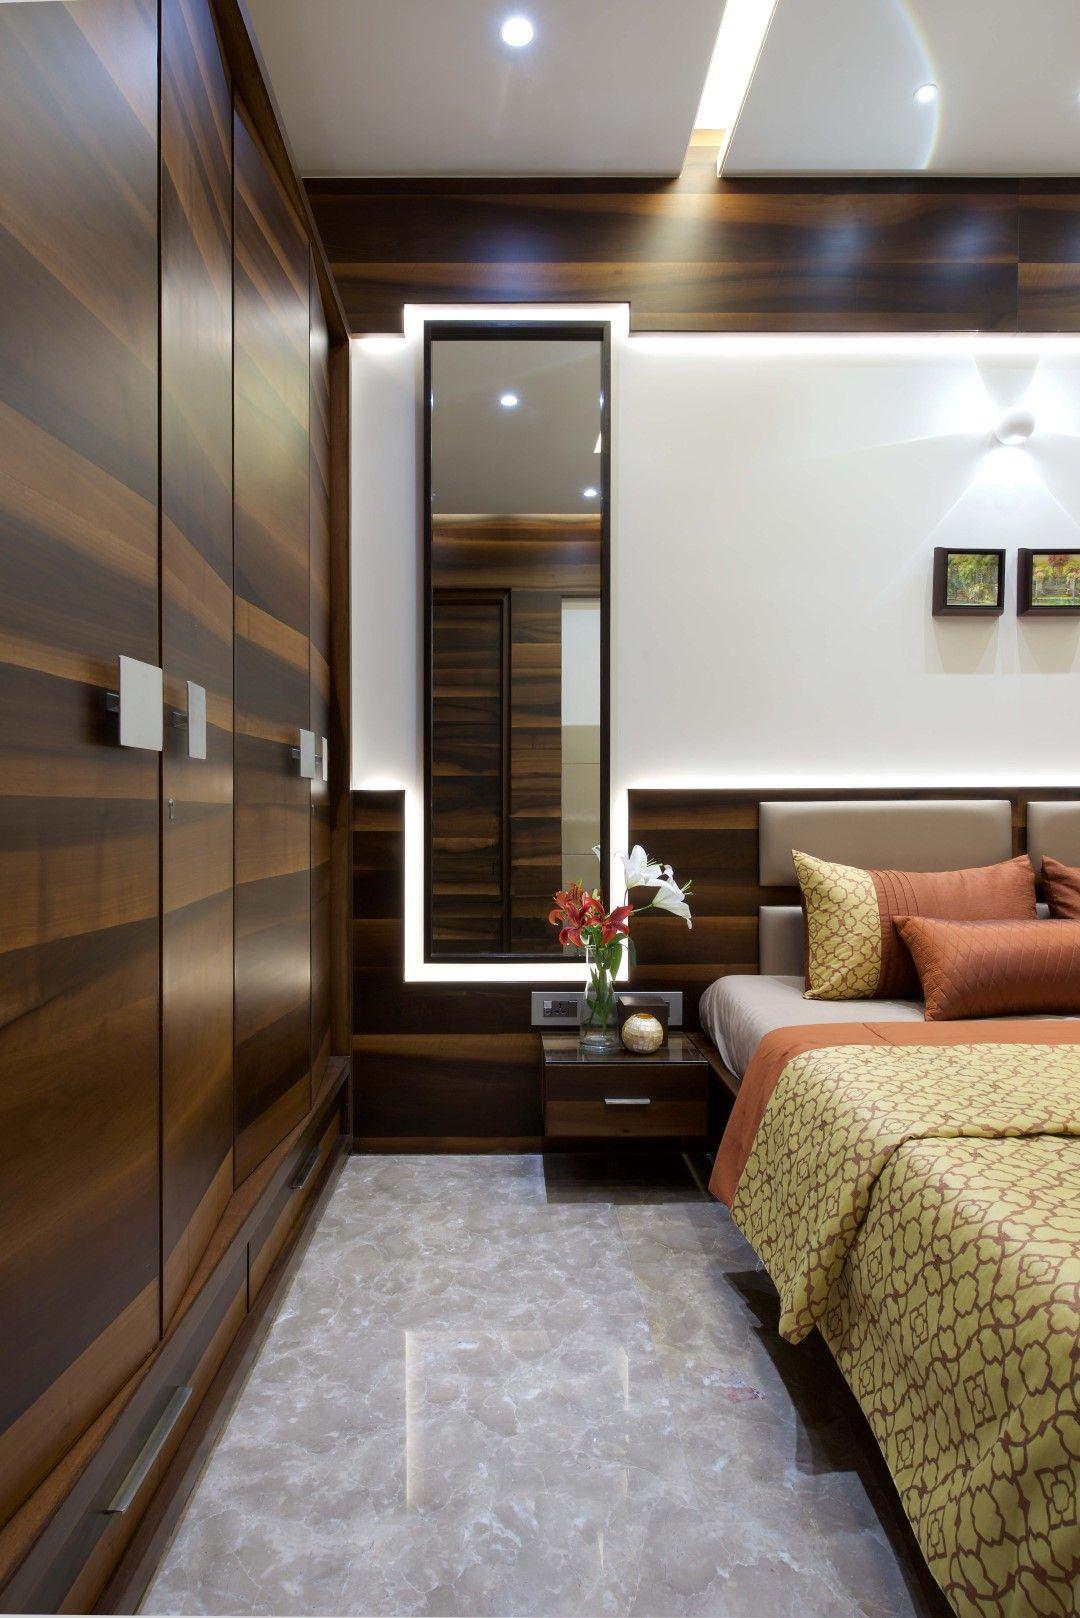 3 BHK Apartment Interiors at Yari Road | Bedroom furniture ...